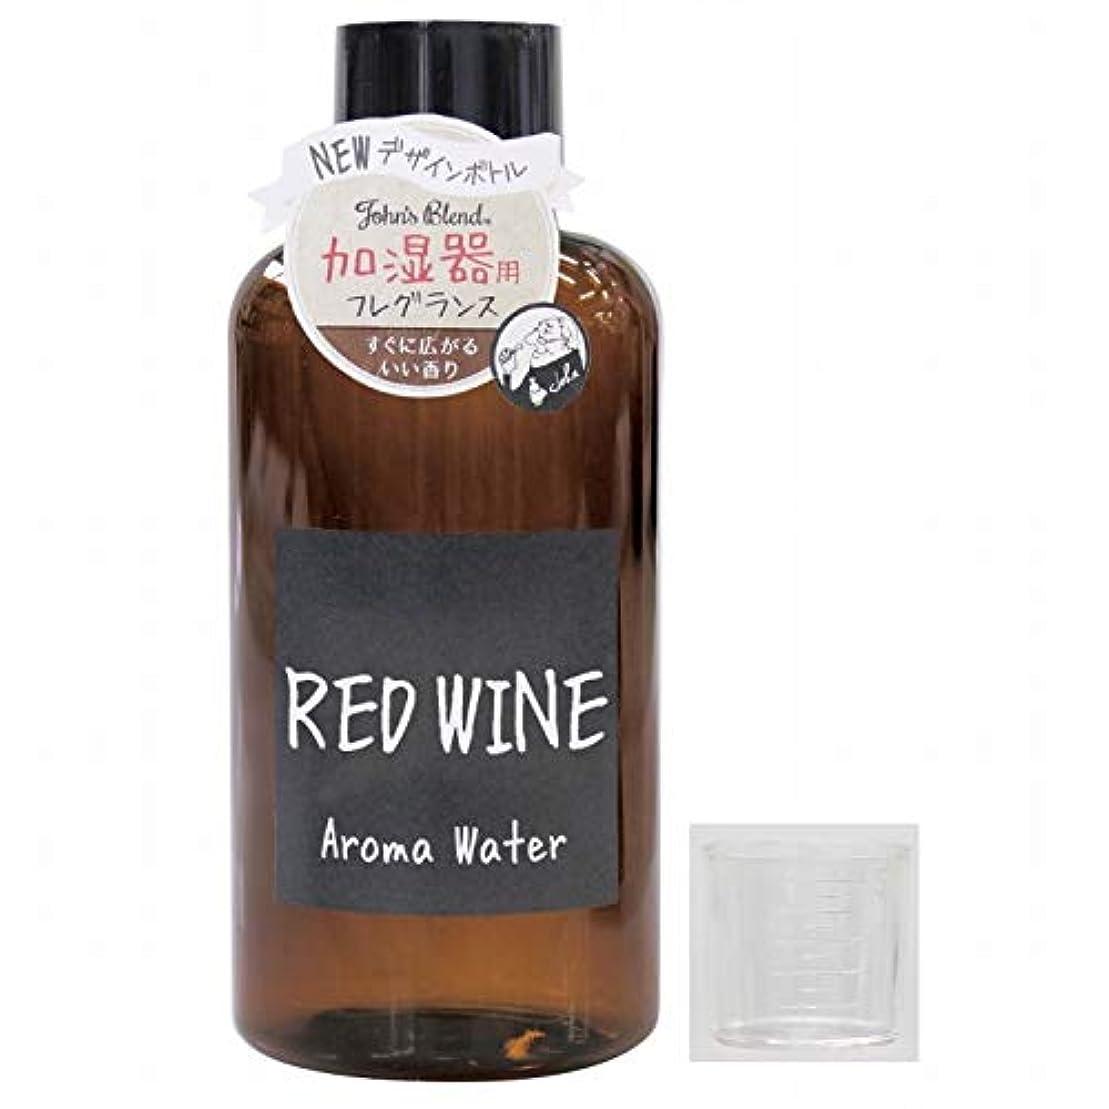 赤計算送る【計量カップ付き】 JohnsBlend(ジョンズブレンド) アロマウォーター 加湿器用 520ml レッドワインの香り OA-JON-12-5【計量カップのおまけつき】